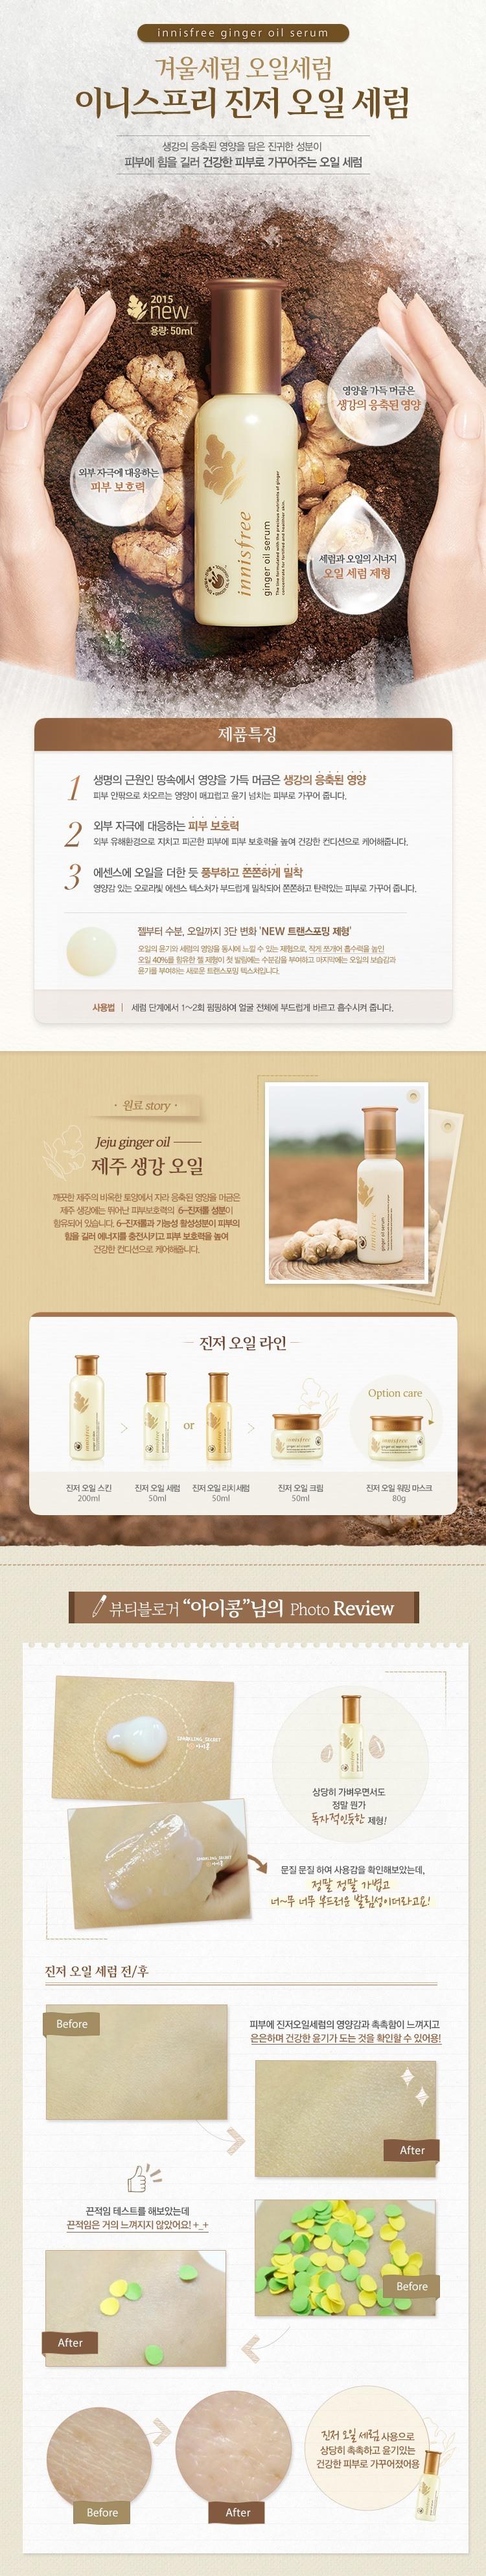 ginger oil skin